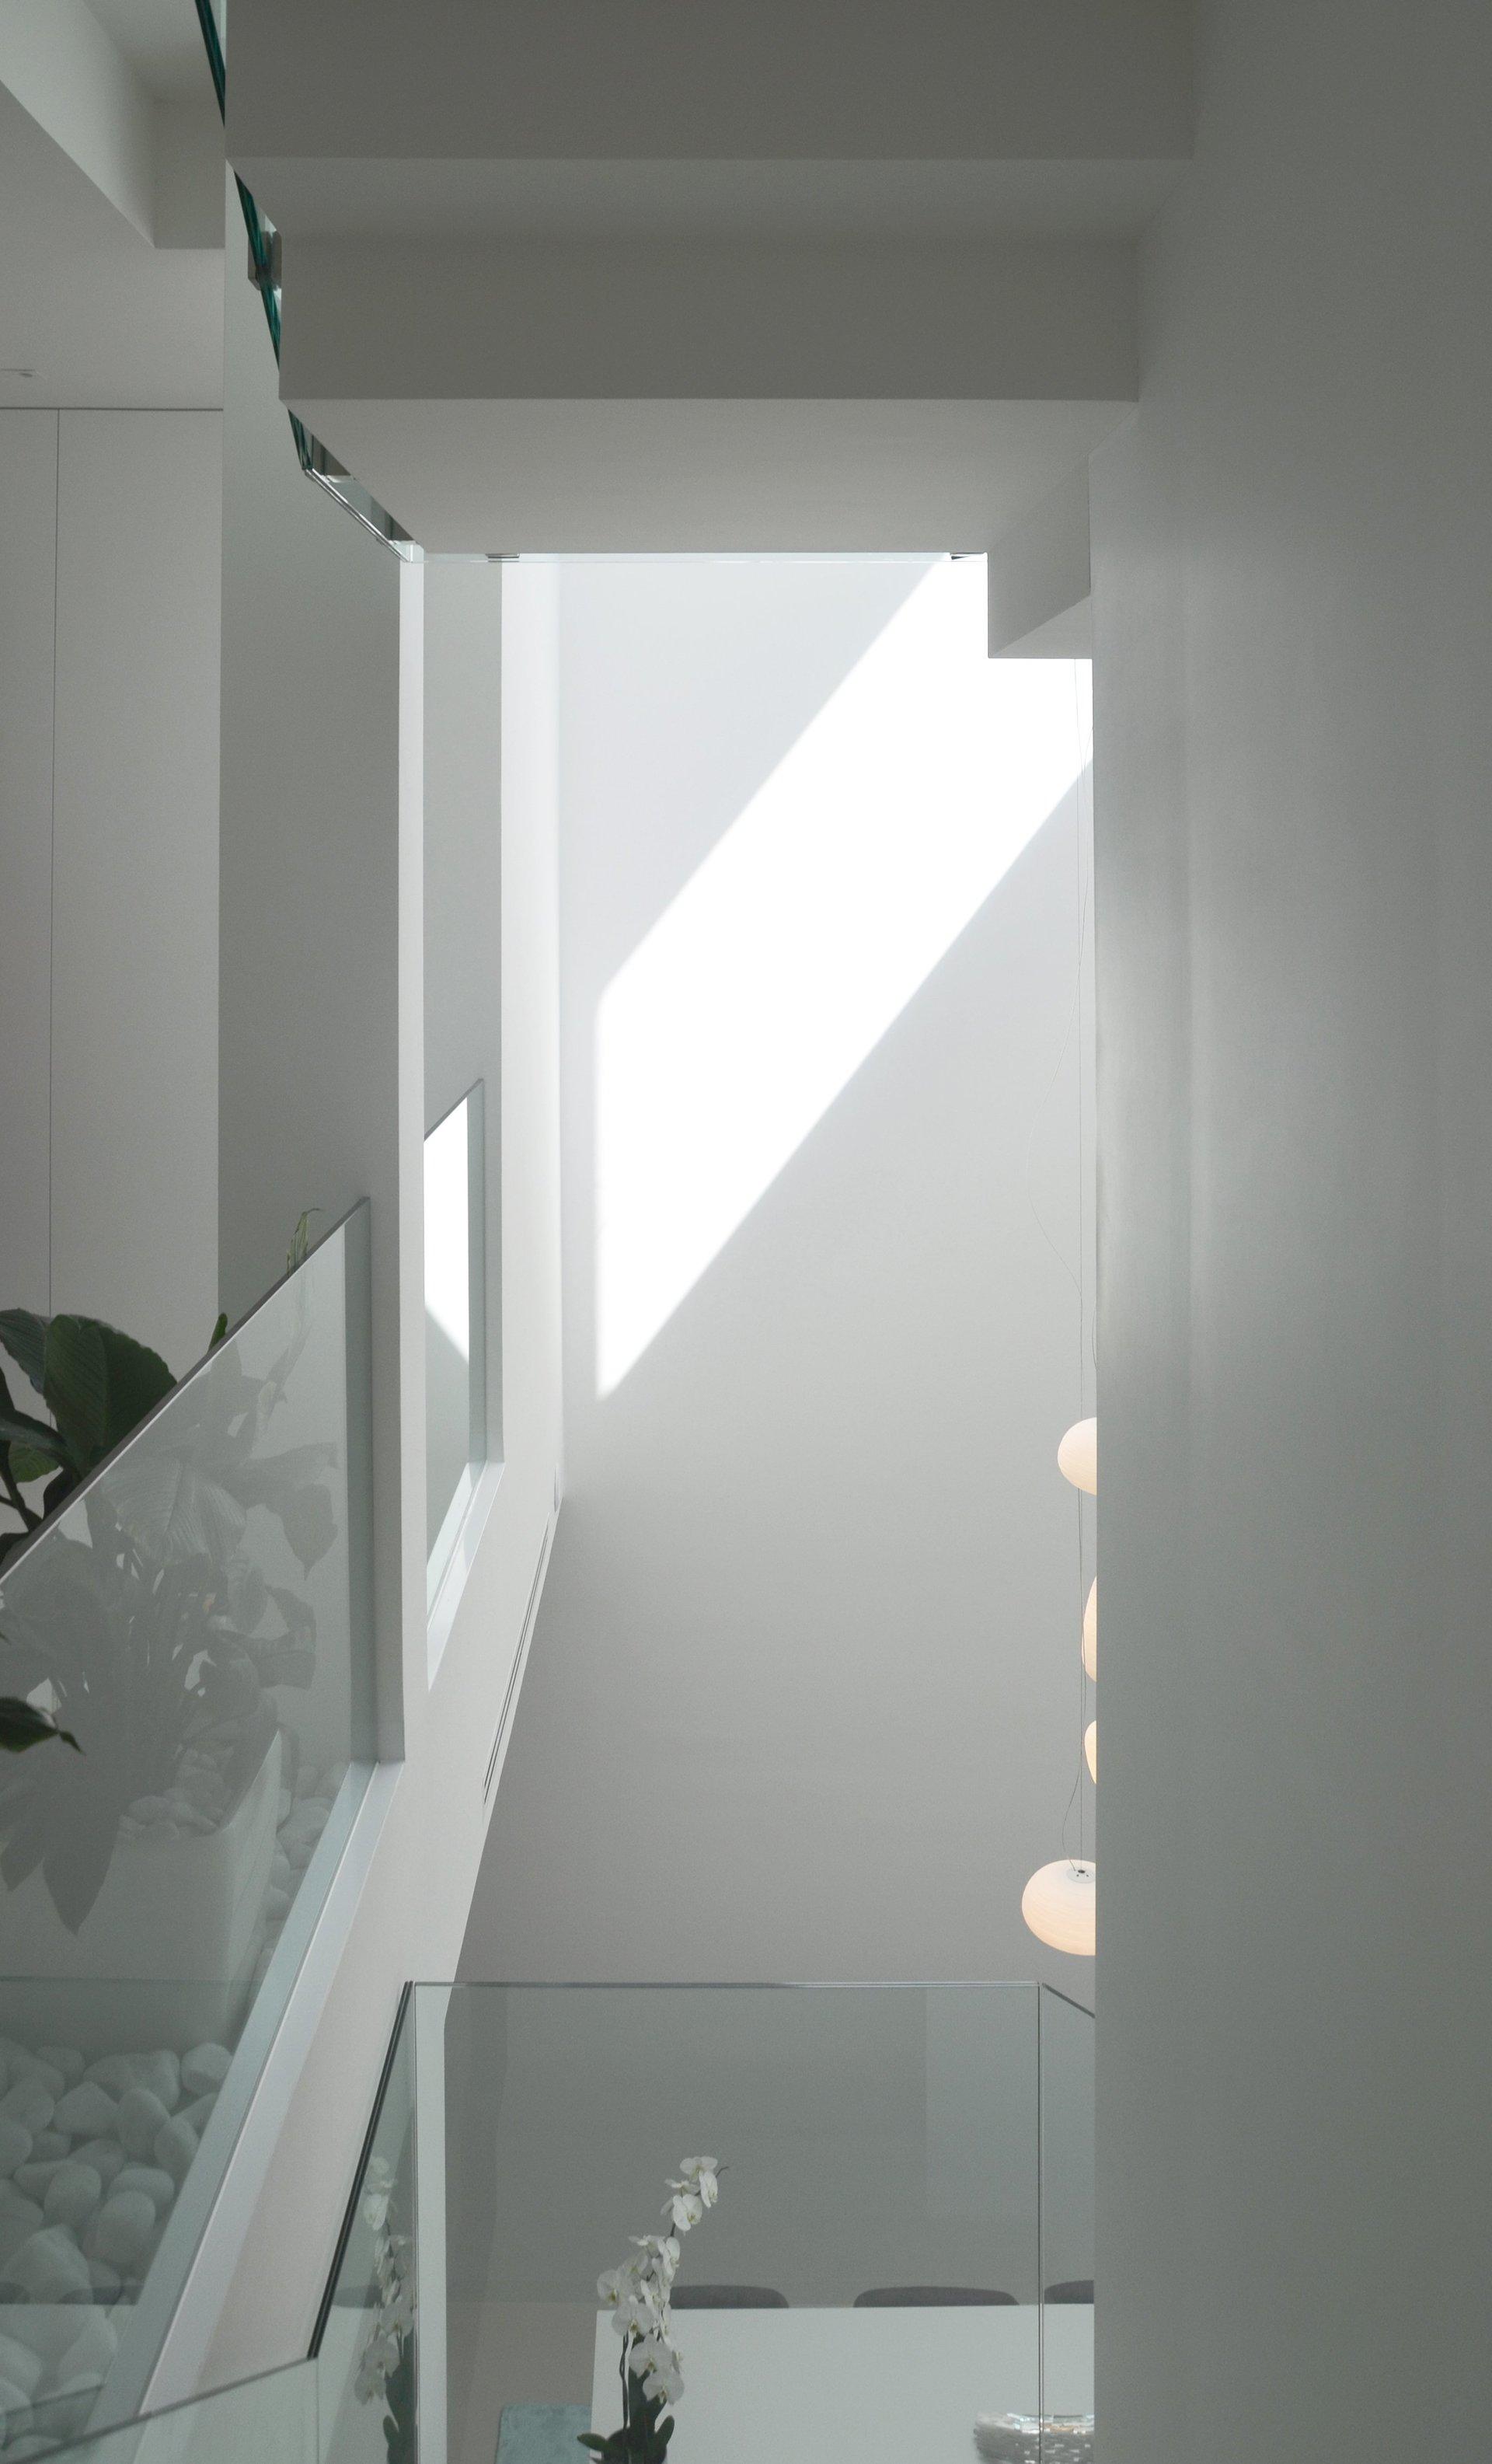 Escaleras de diseño en vivienda unifamiliar moderna en Almeria. Arquitectura moderna en Almeria. Interiorismo Almeria.